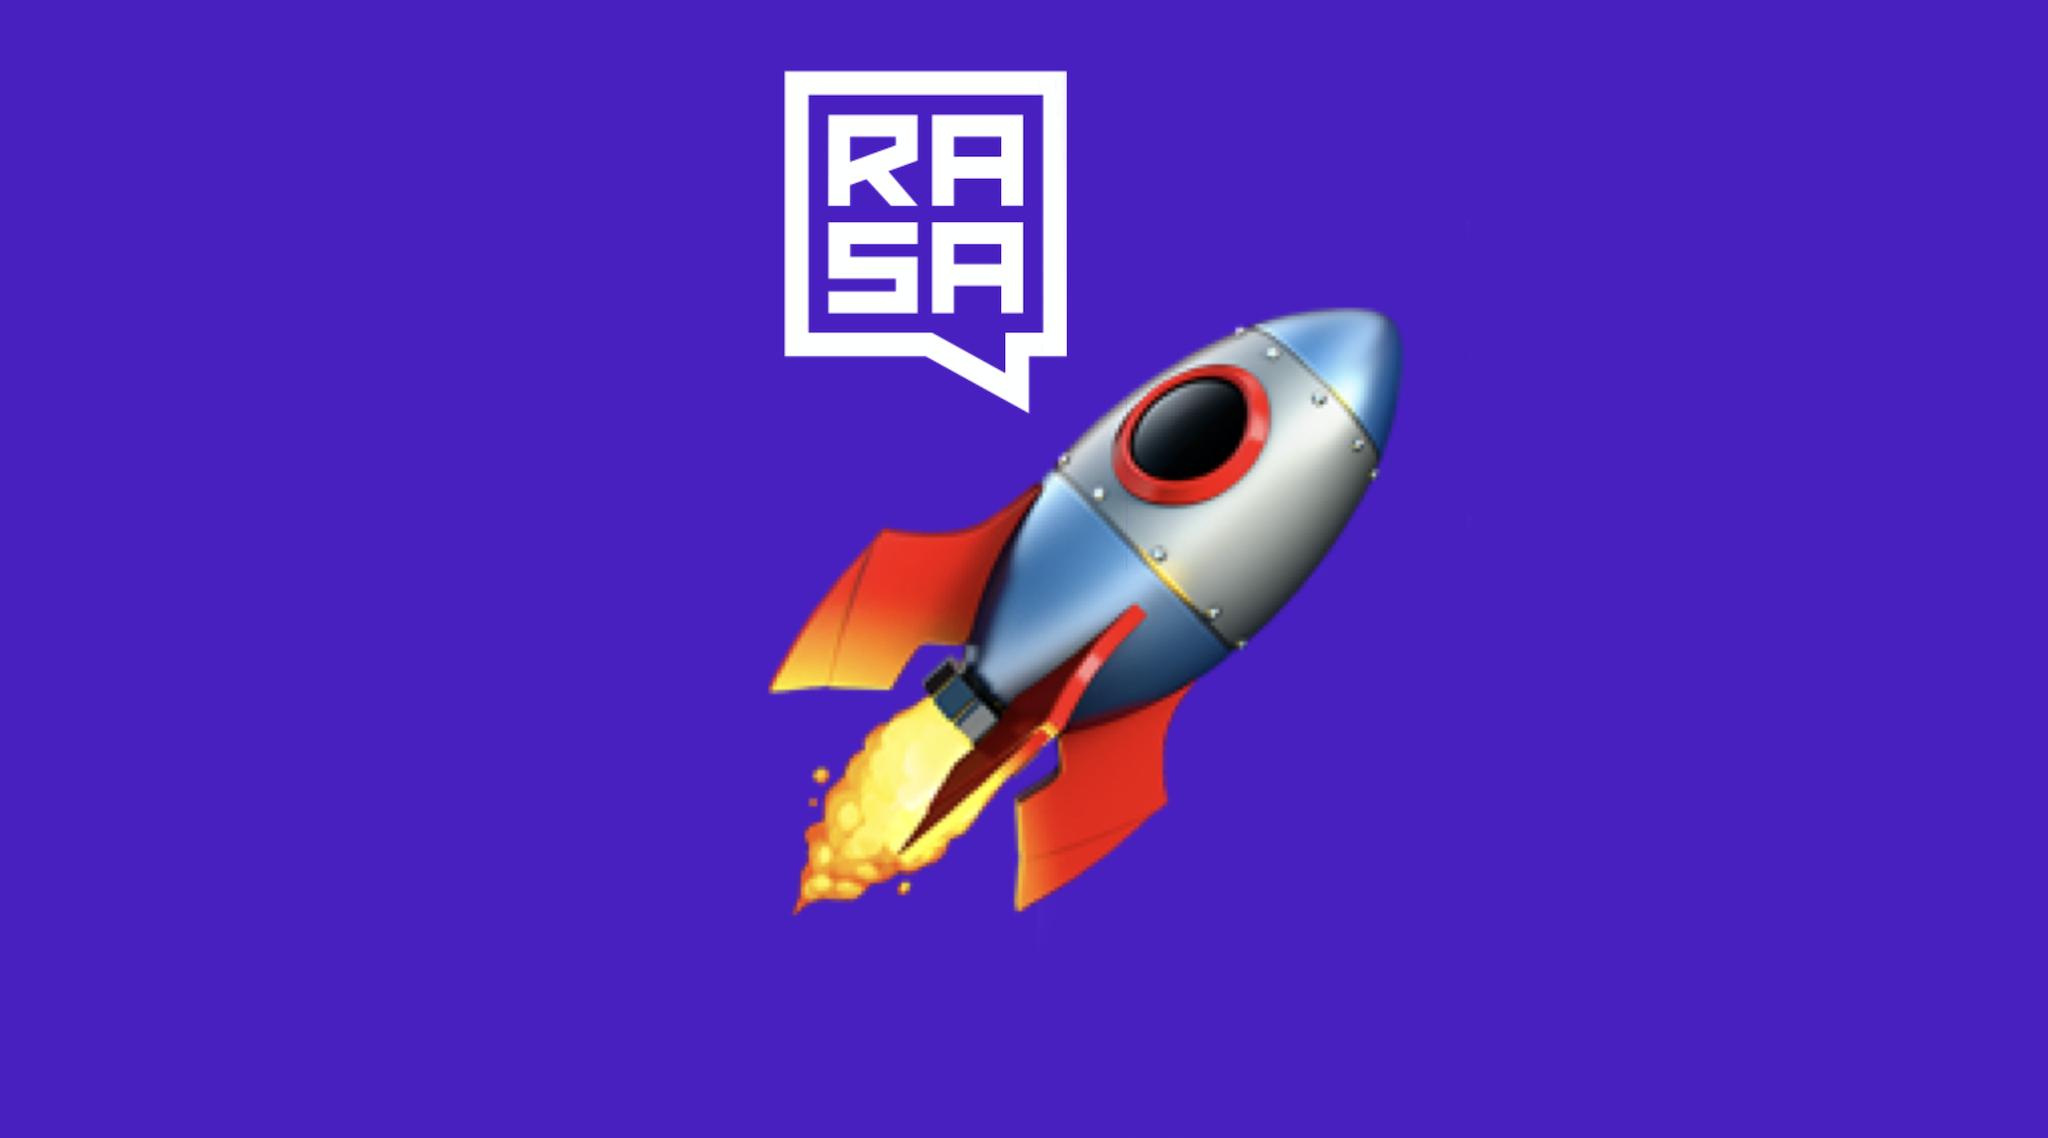 Understanding Rasa Deployments